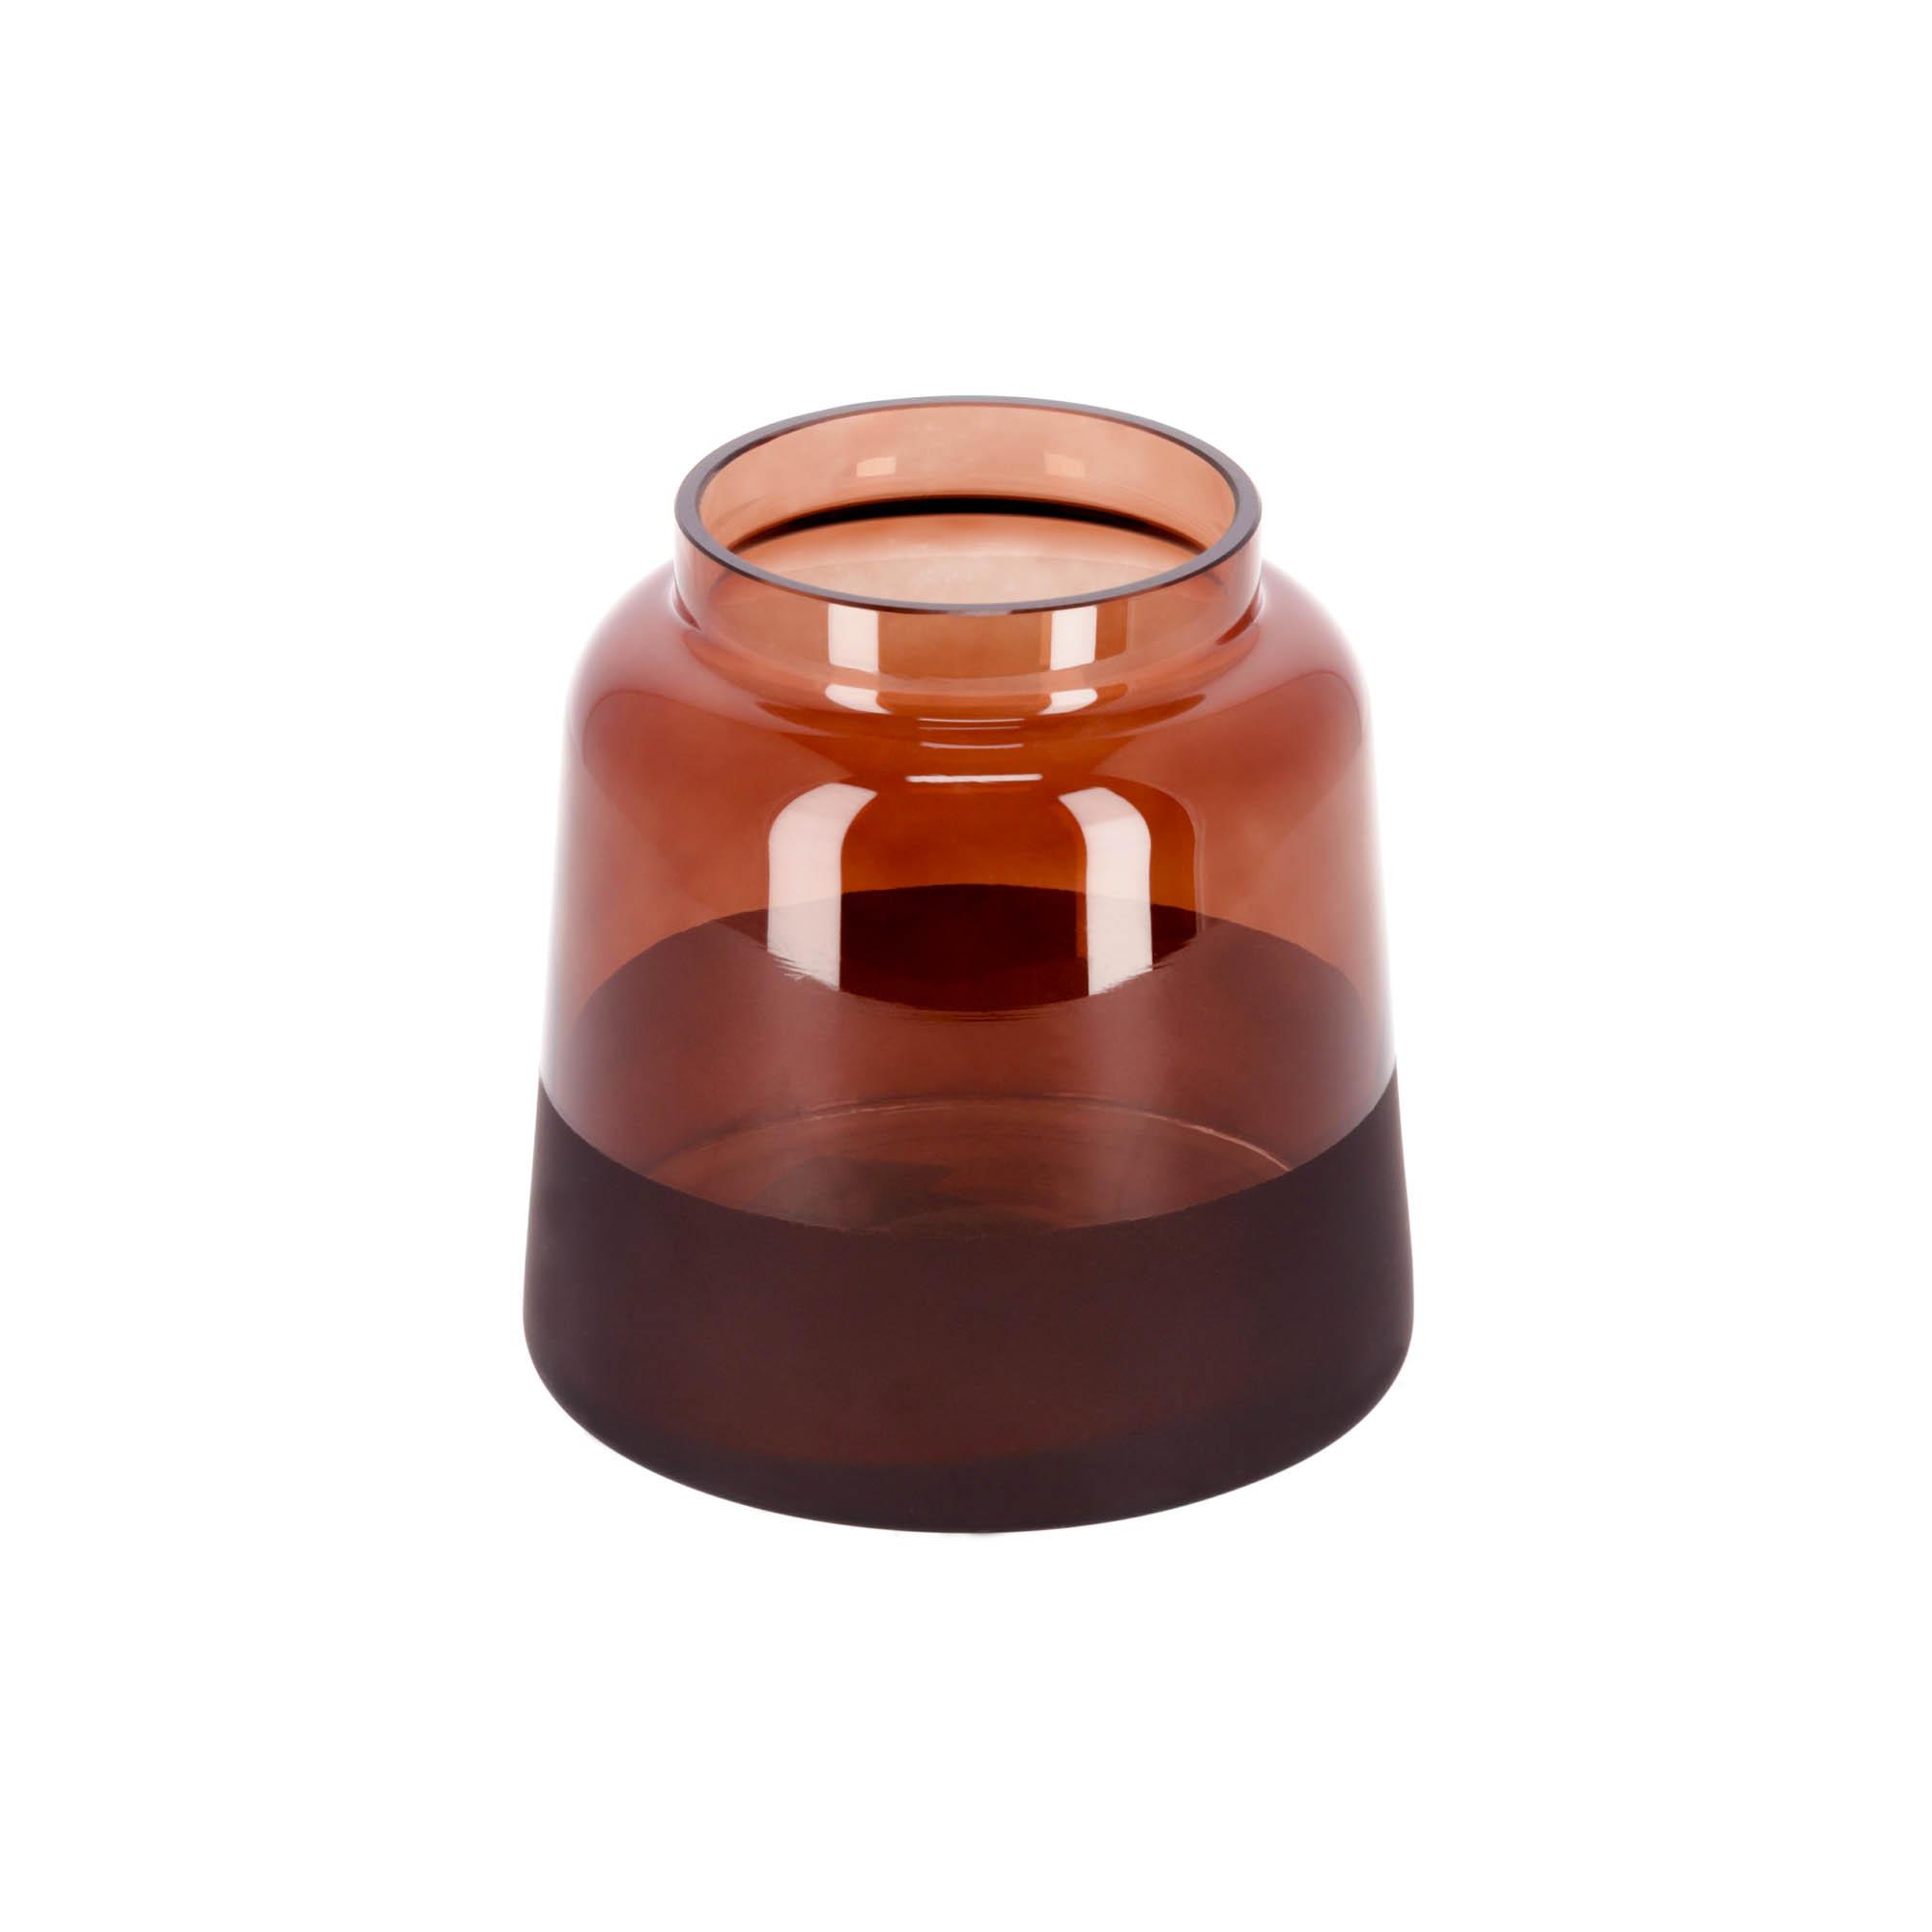 Kave home - vase narela petit format